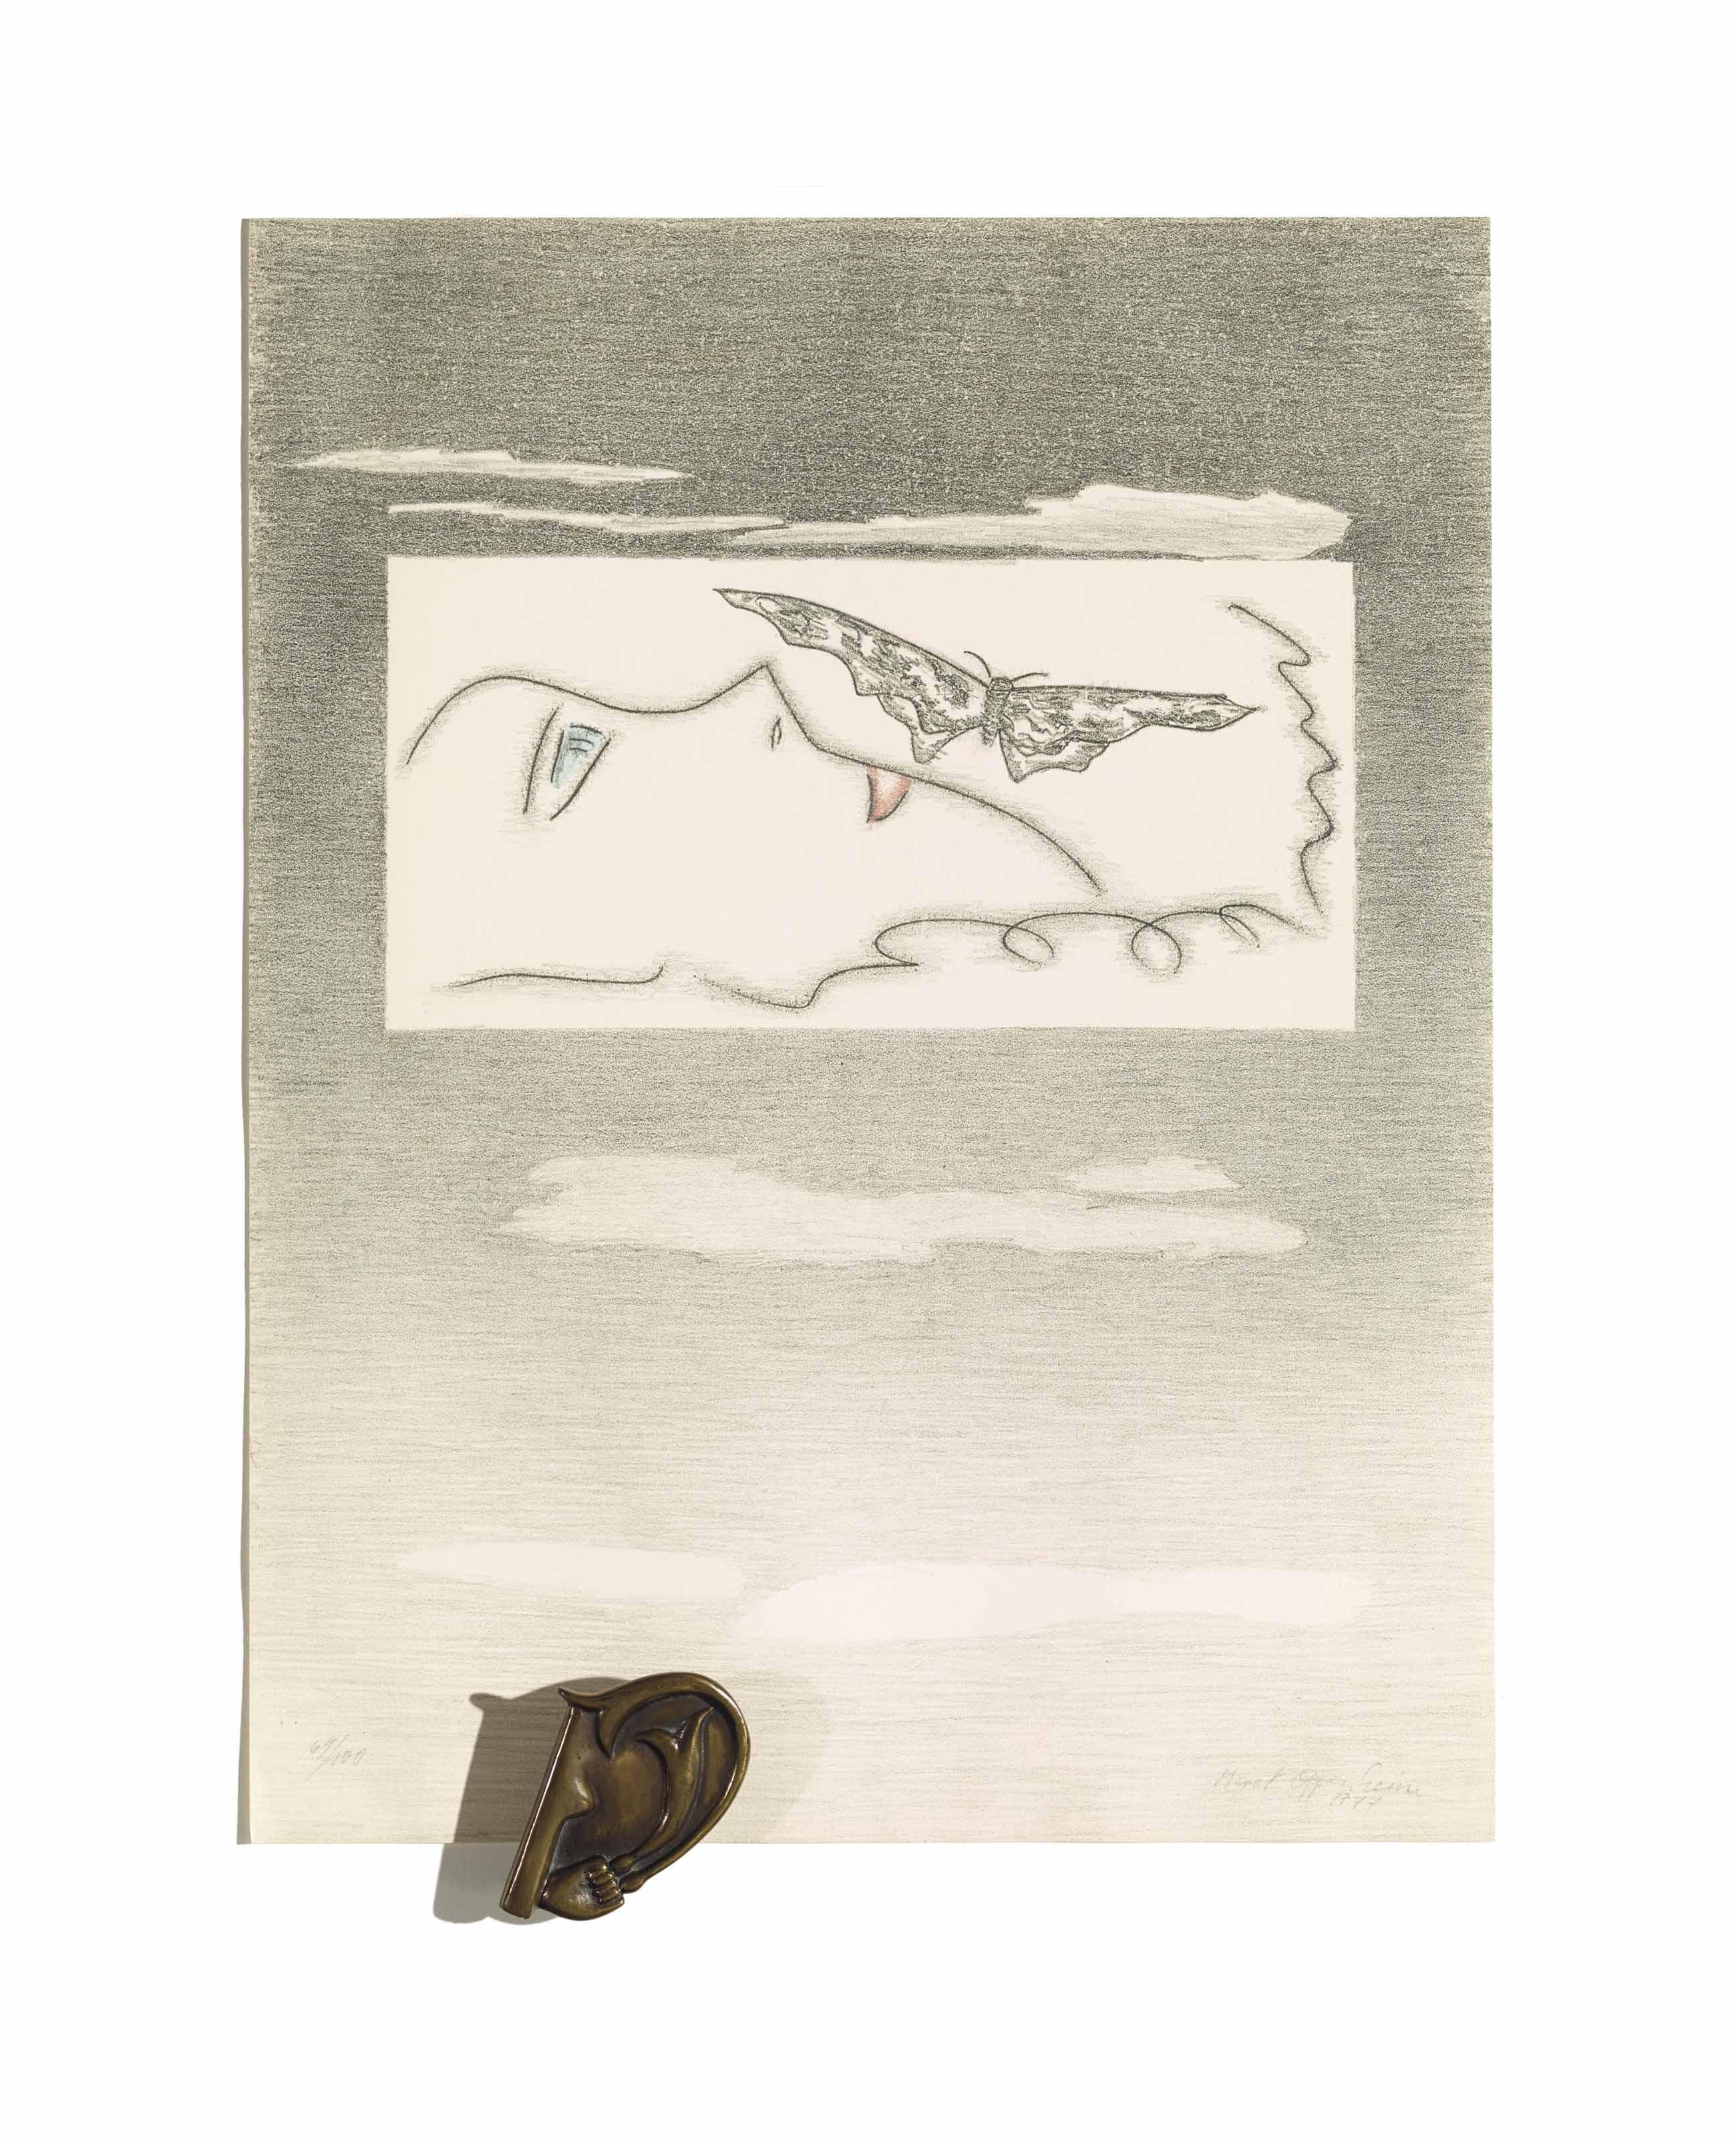 Liegendes Profil mit Schmetterling, 1977  Das Ohr von Giacometti, 1933-1977